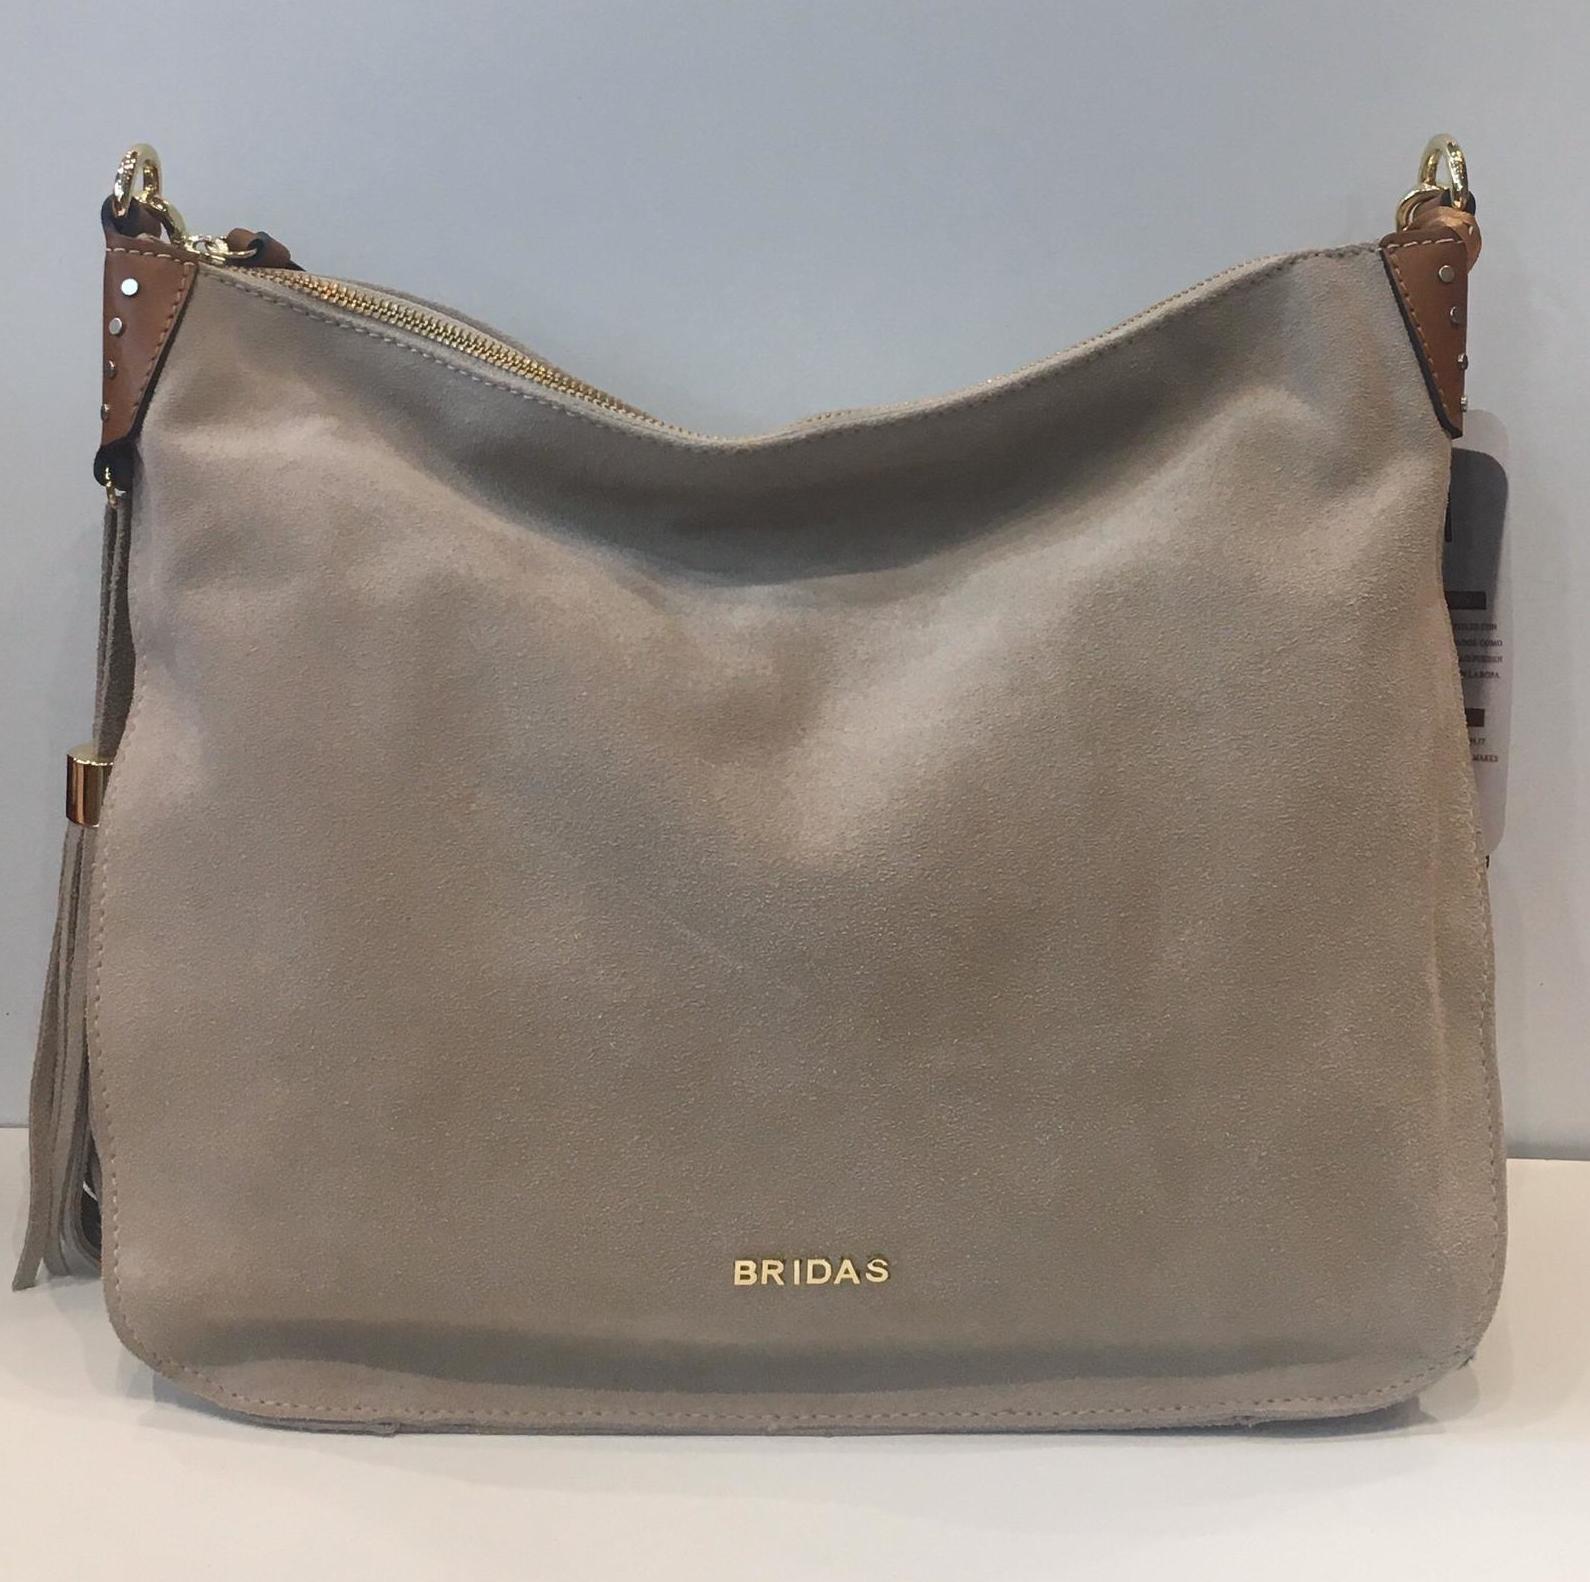 Bossa de pell de la marca Bridas, amb tira llarga i curta 129.50€ — a La Bisbal.